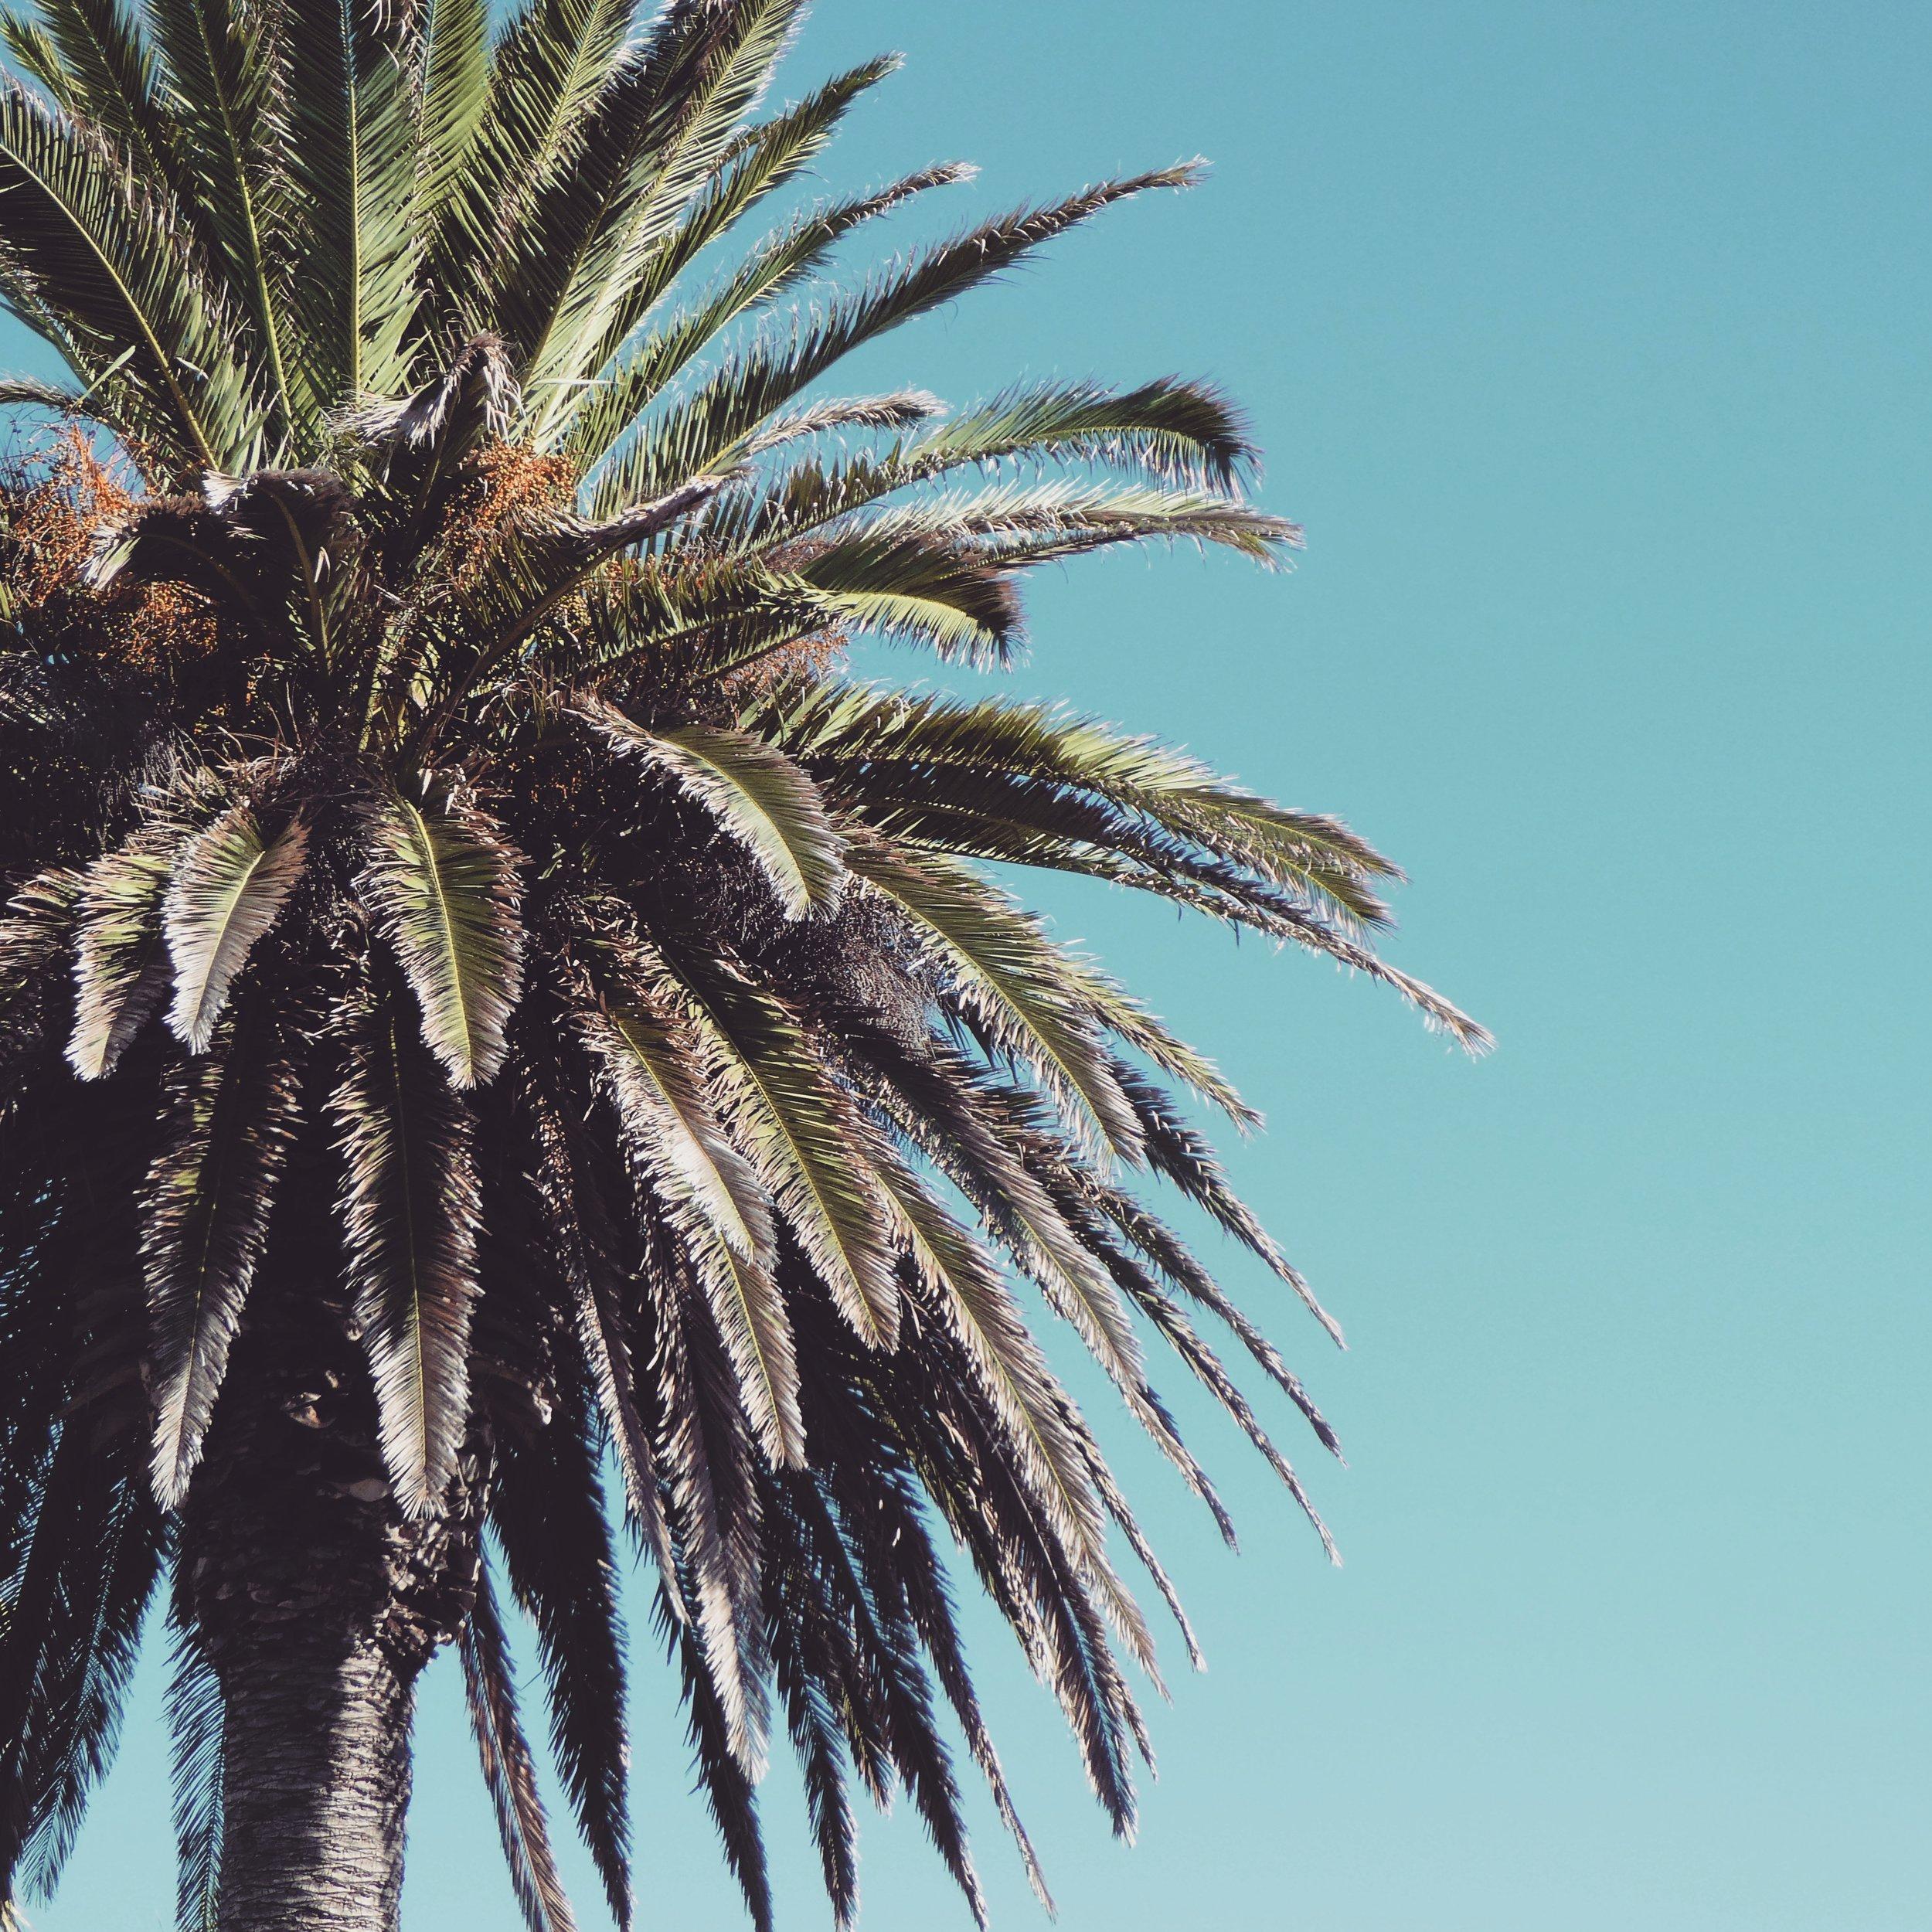 Wainui-palms